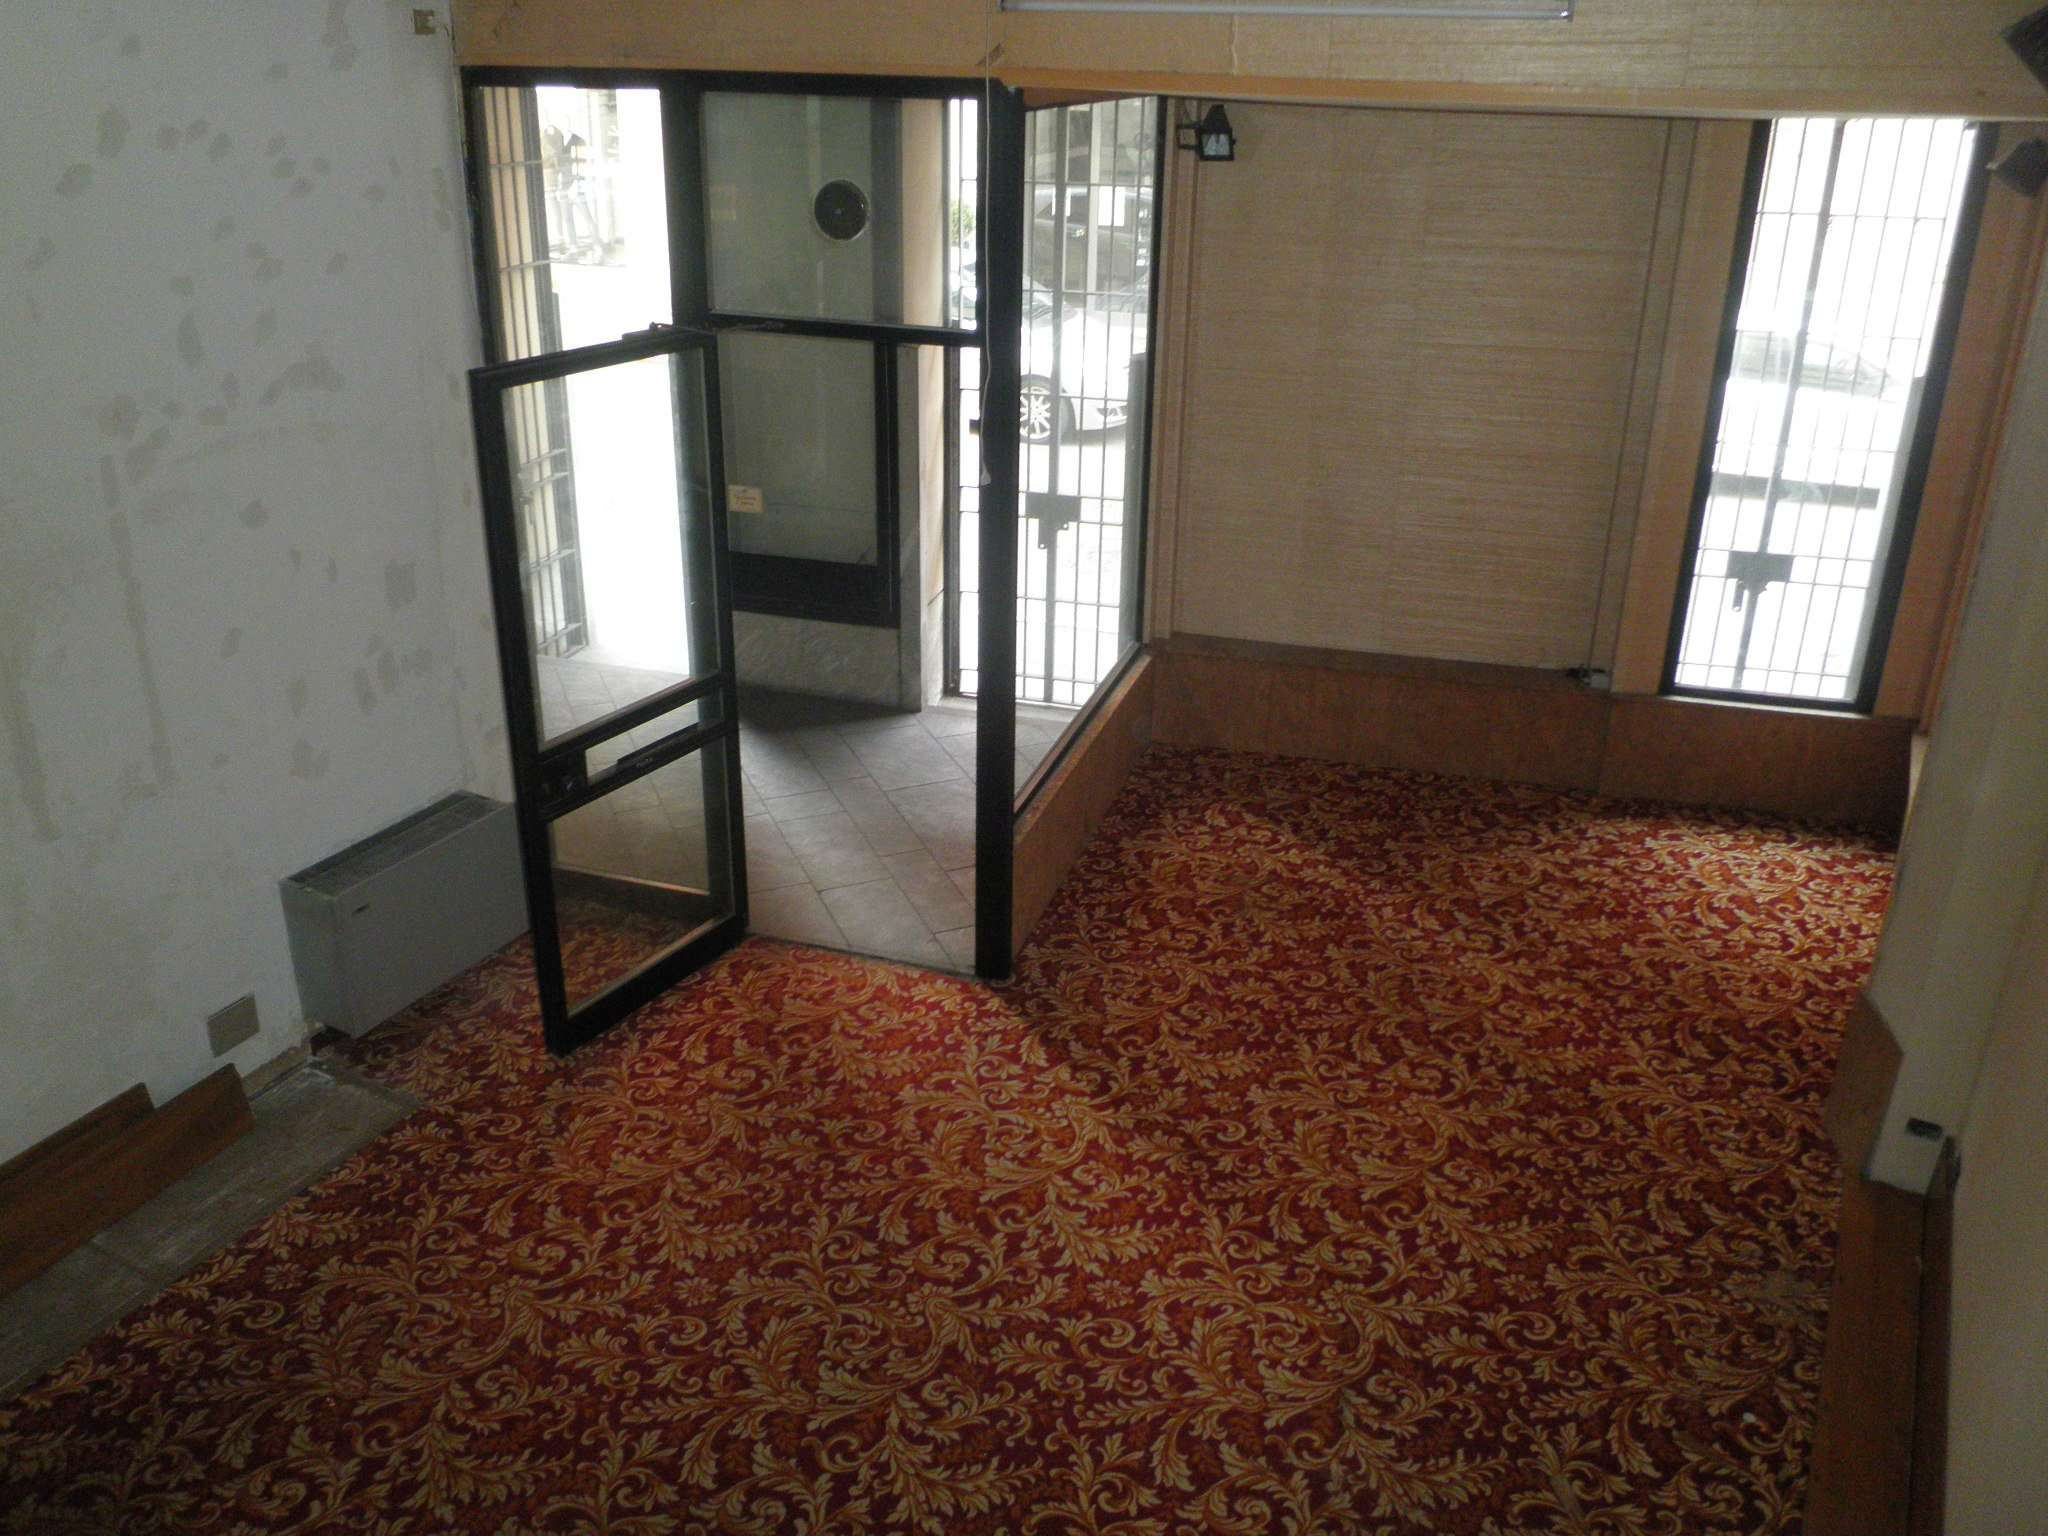 Negozio / Locale in affitto a Lodi, 2 locali, prezzo € 550 | CambioCasa.it